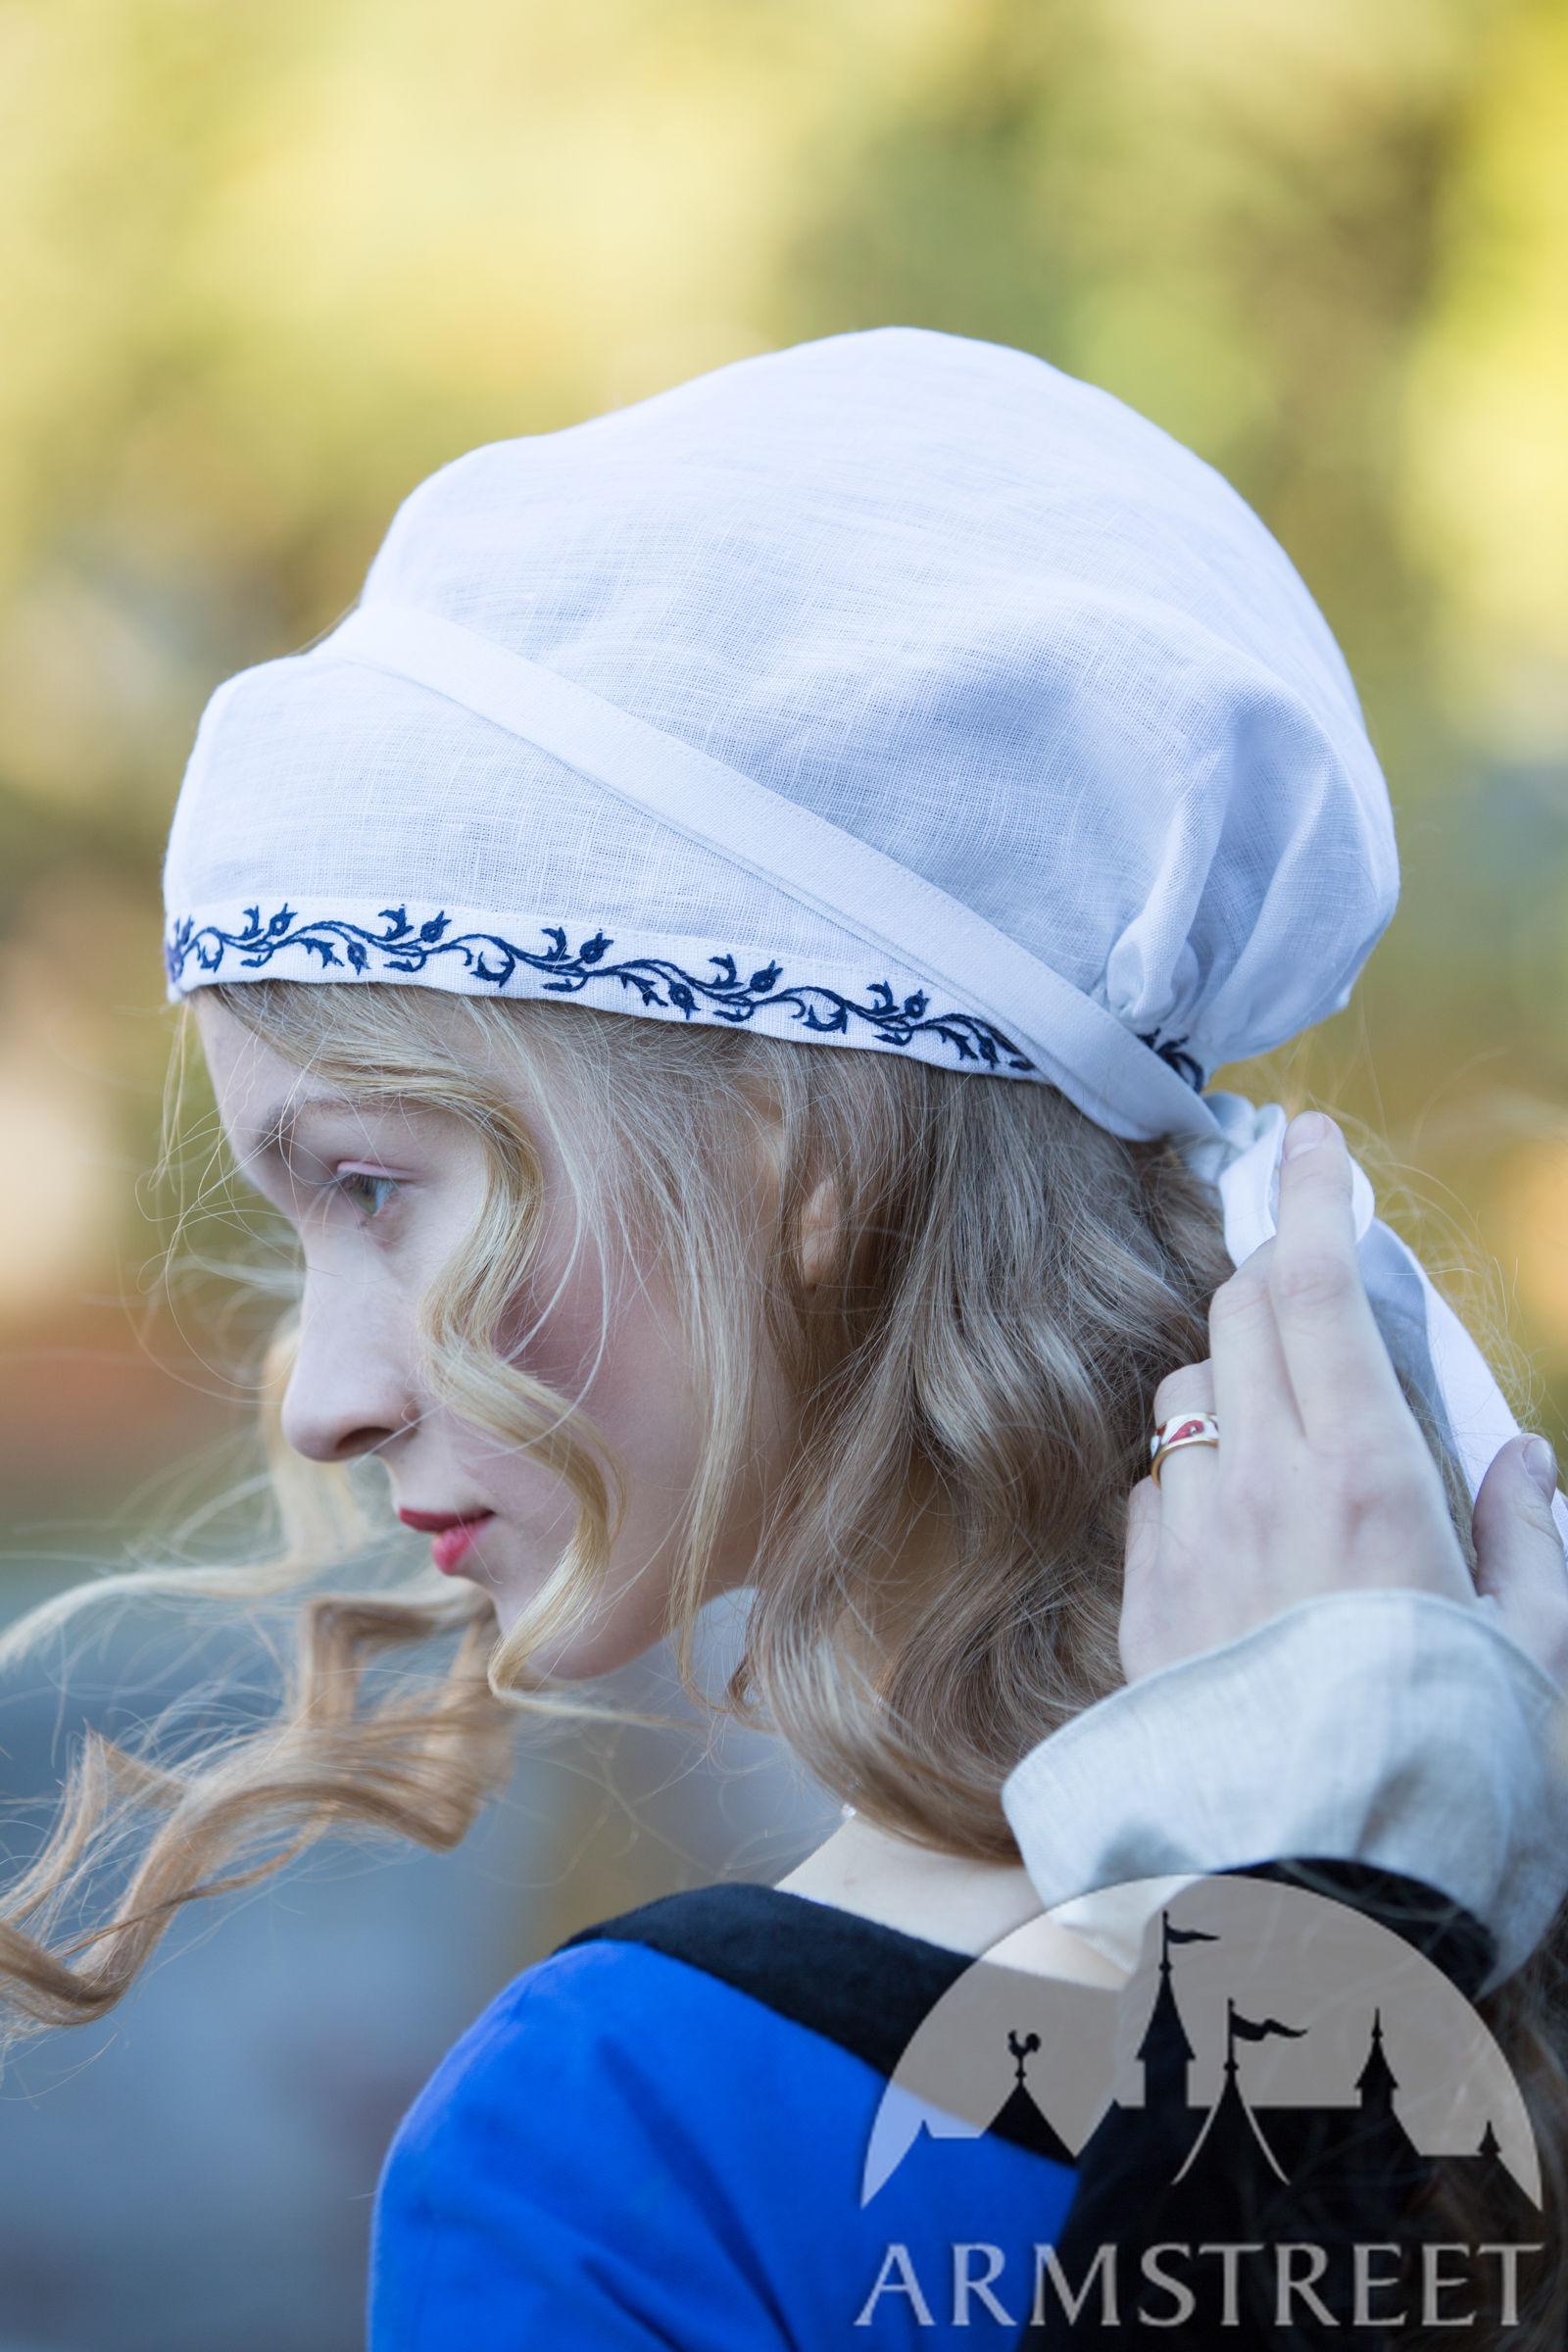 VORMOR Gesichtsbedeckung,Gebrochenes Engelsfl/ügel-Hintergrundmuster,Sturmhaube Unisex Wiederverwendbare Winddichte Anti-Staub-Mund Bandanas Halsmanschette mit 2 Filtern